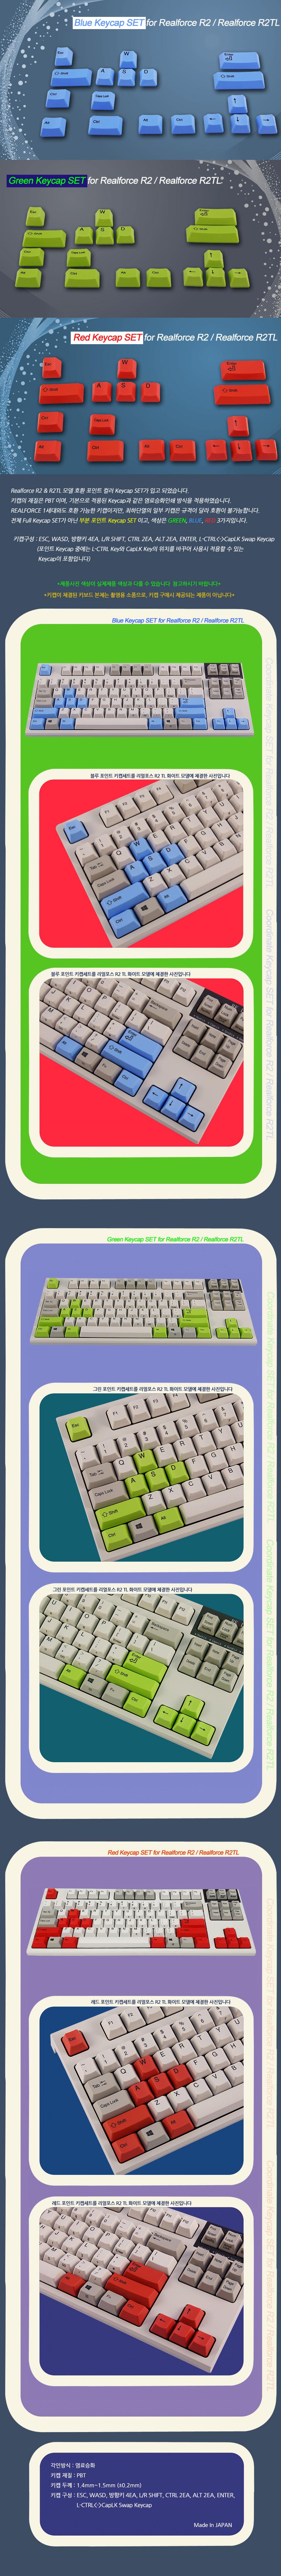 realforce keycap set na_re2.jpg